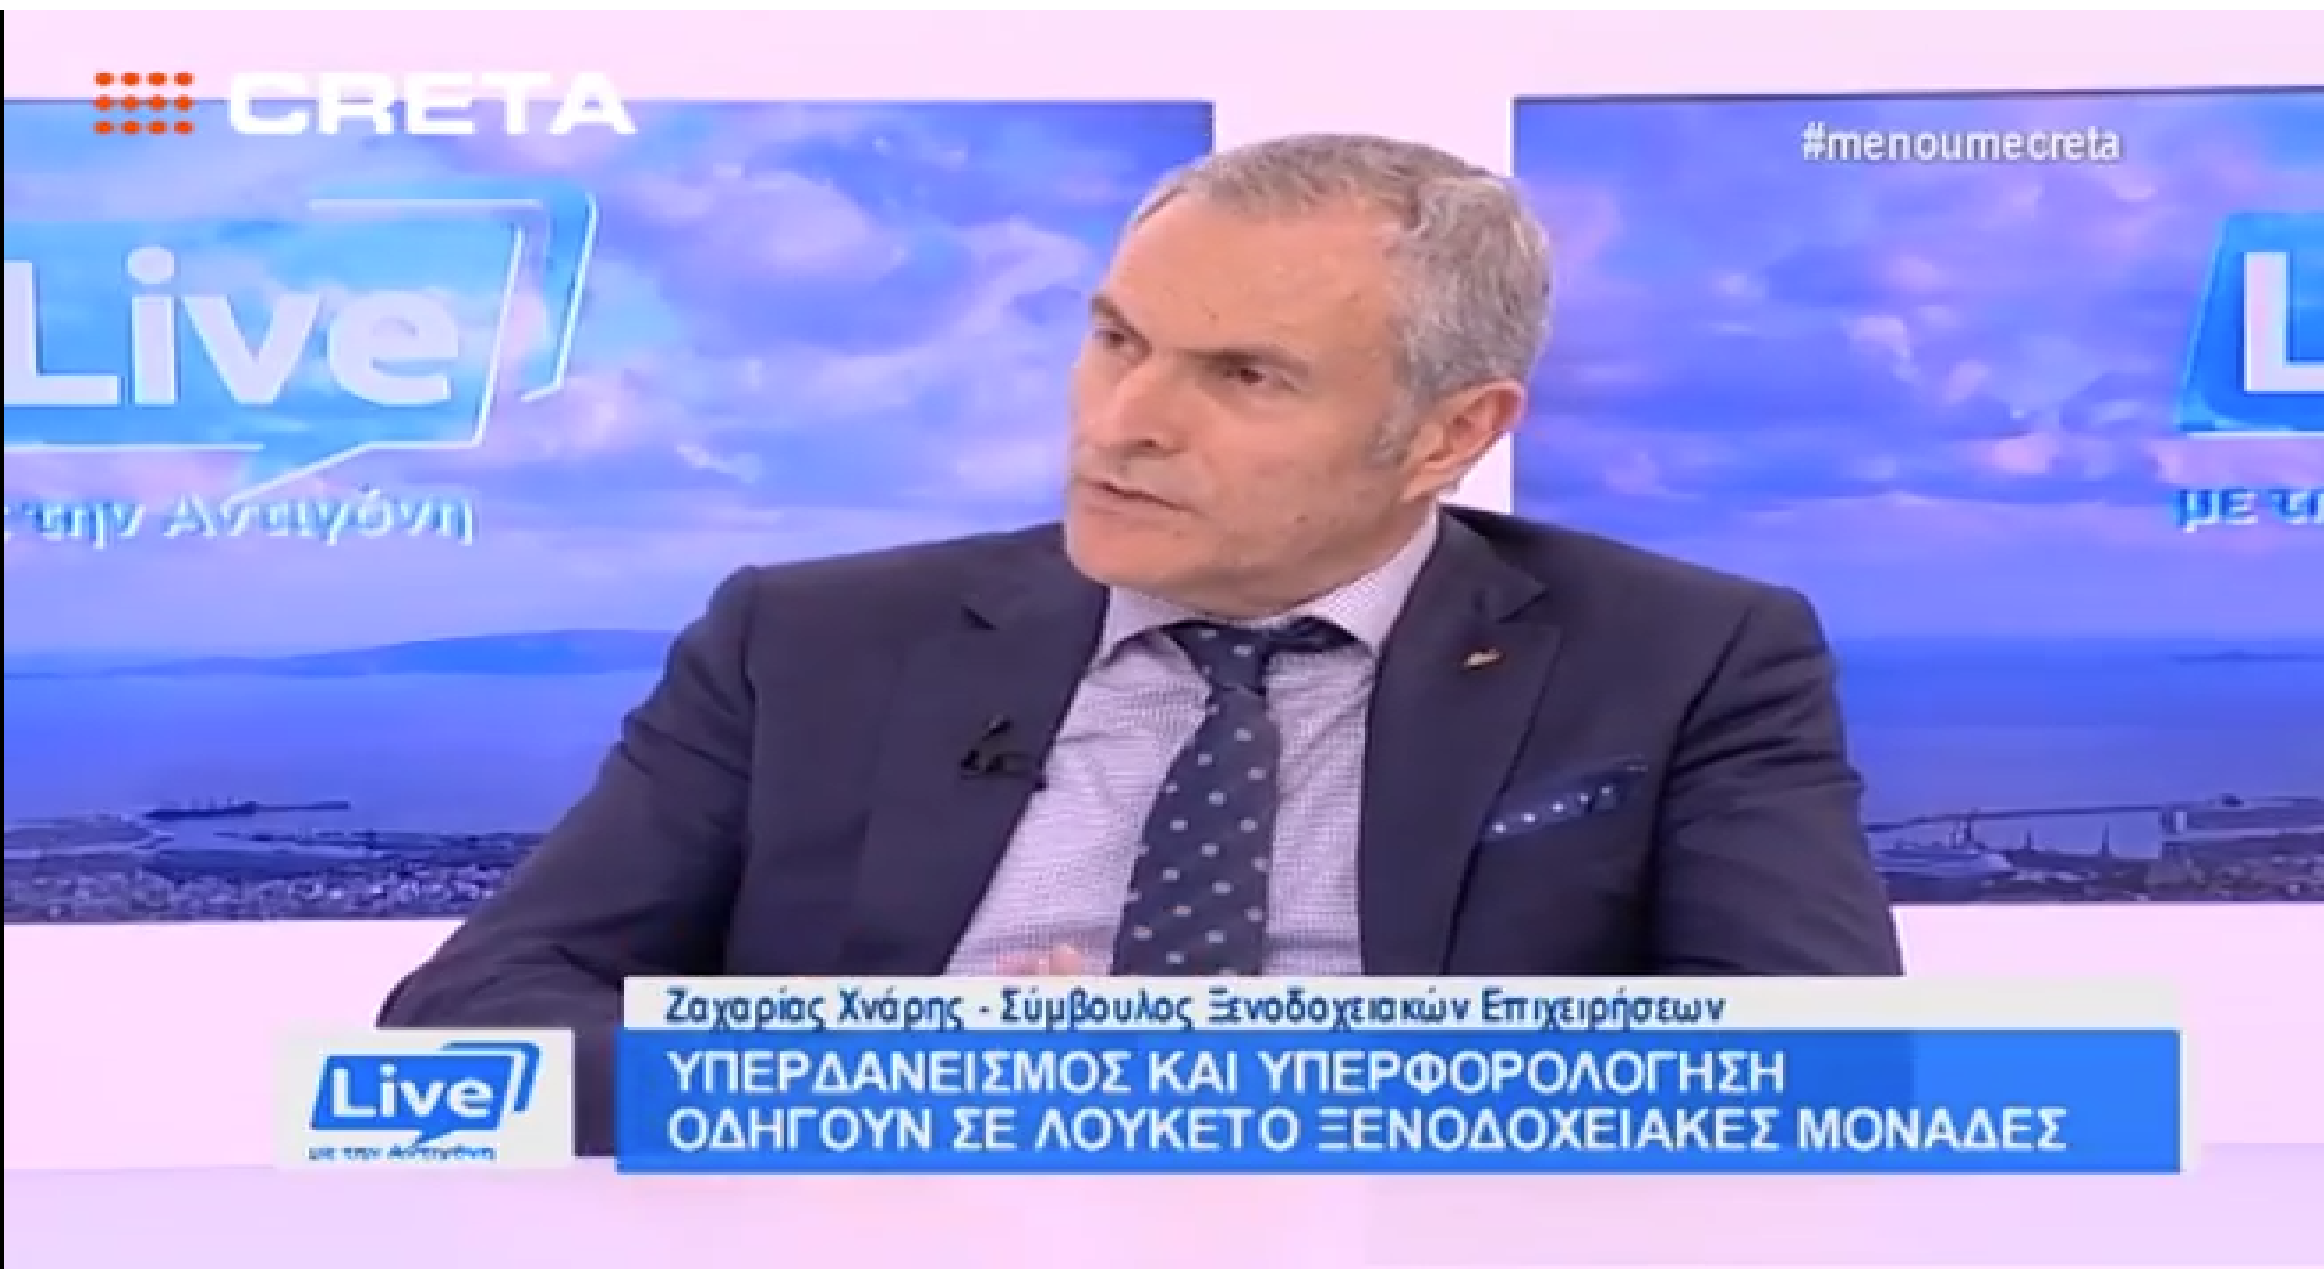 Η συμμετοχή του Ζαχαρία Χνάρη στην εκπομπή «Live με την Αντιγόνη»